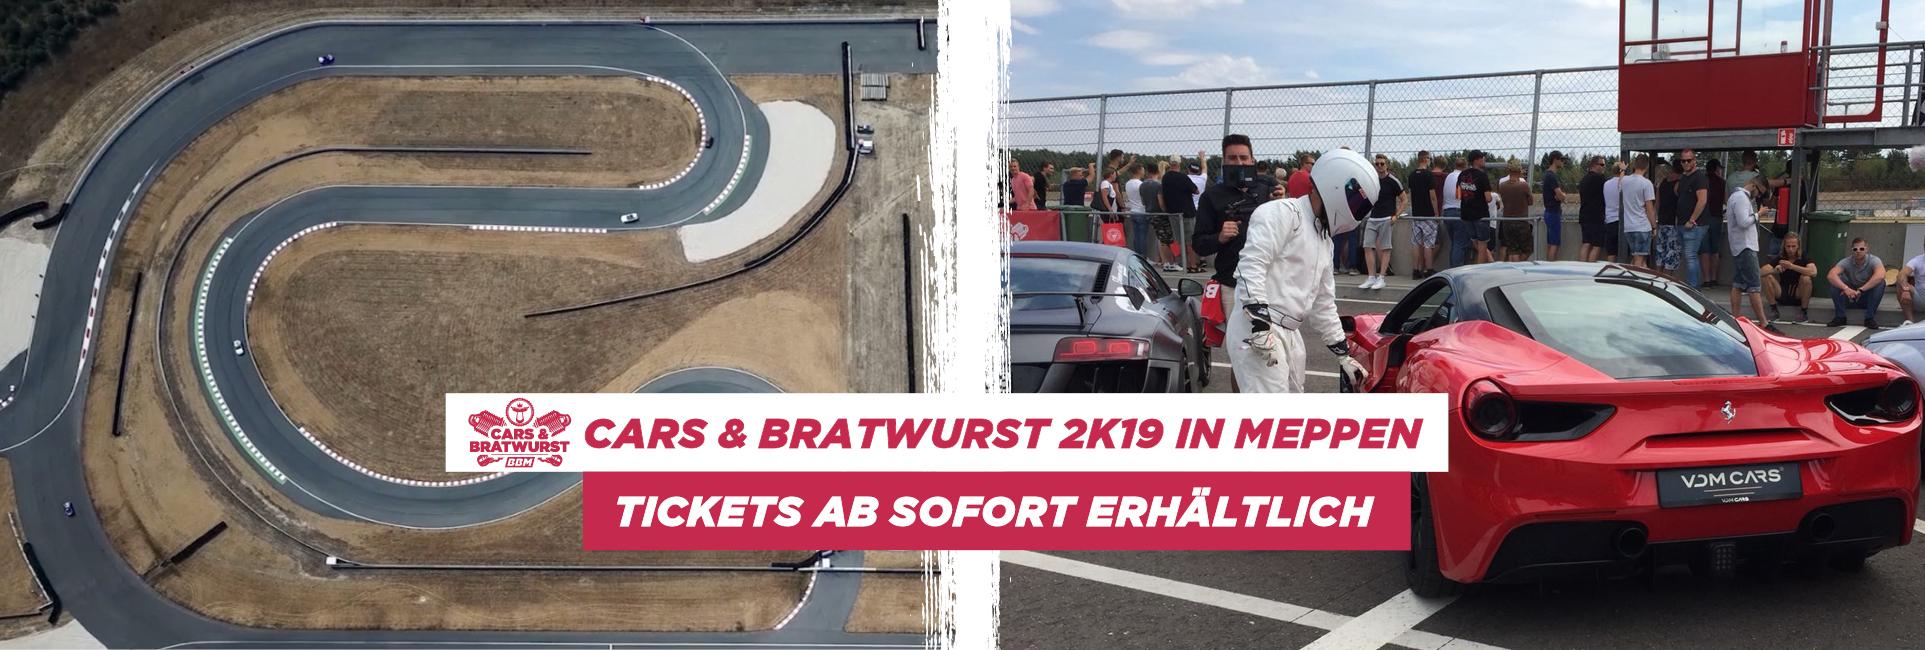 Cars & Bratwurst 2k19 Meppen , Am 23. Juni ist es wieder soweit!